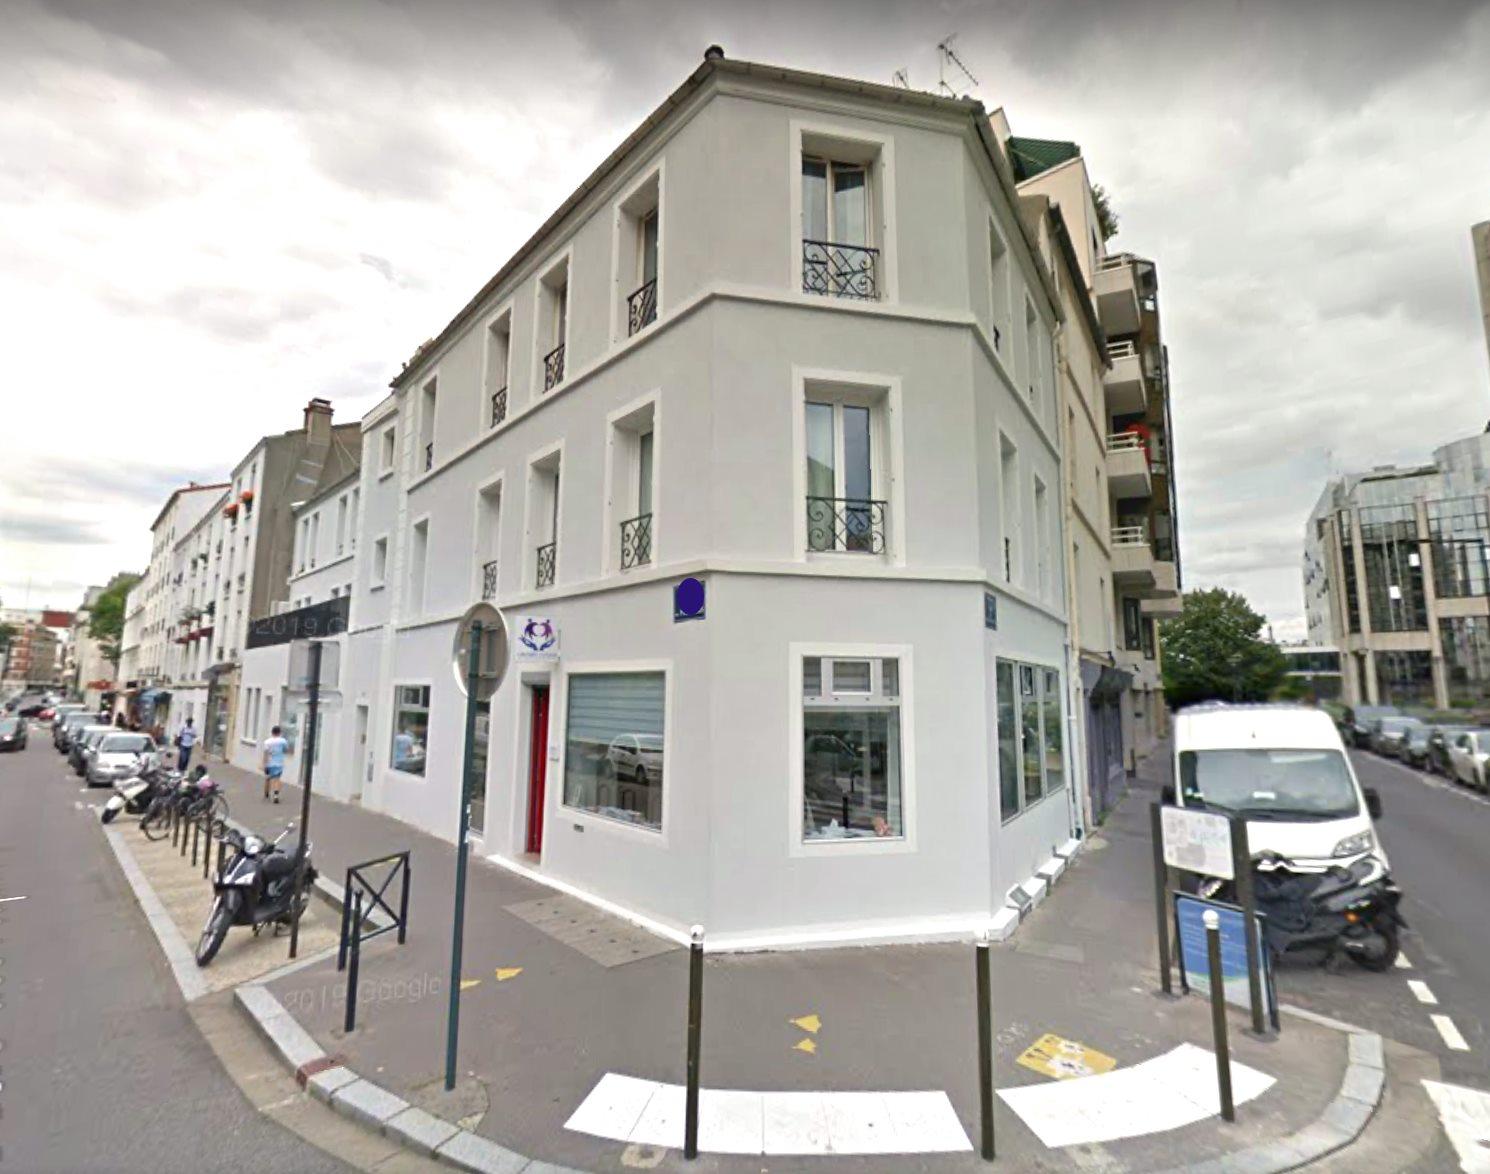 la-clef-des-villes-chasseur-immobilier-boulogne-billancourt-location-vente-appartement-photo-immeuble